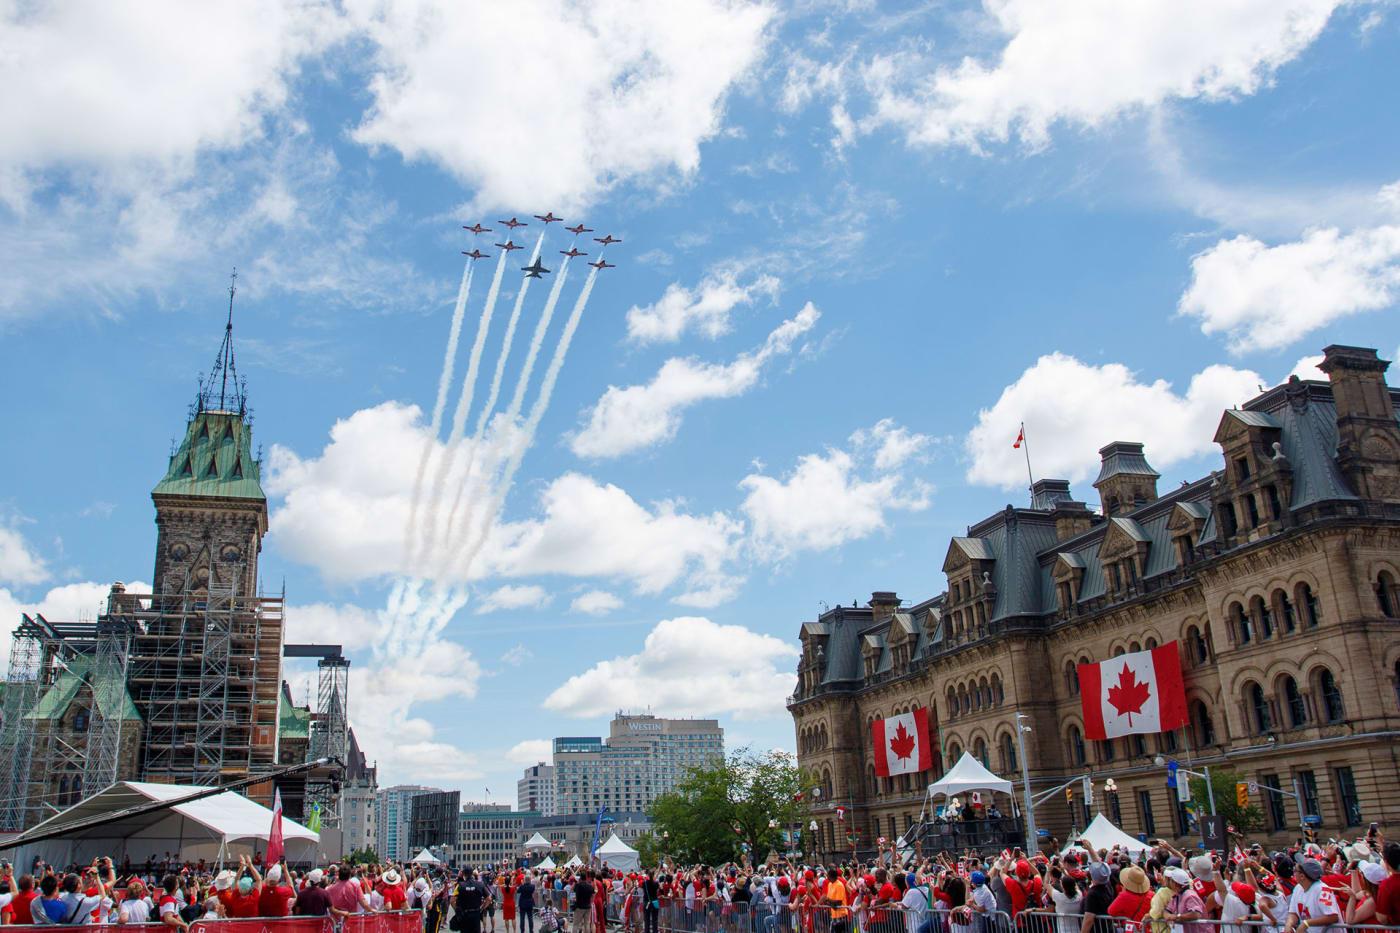 Canada Day celebrations in Ottawa